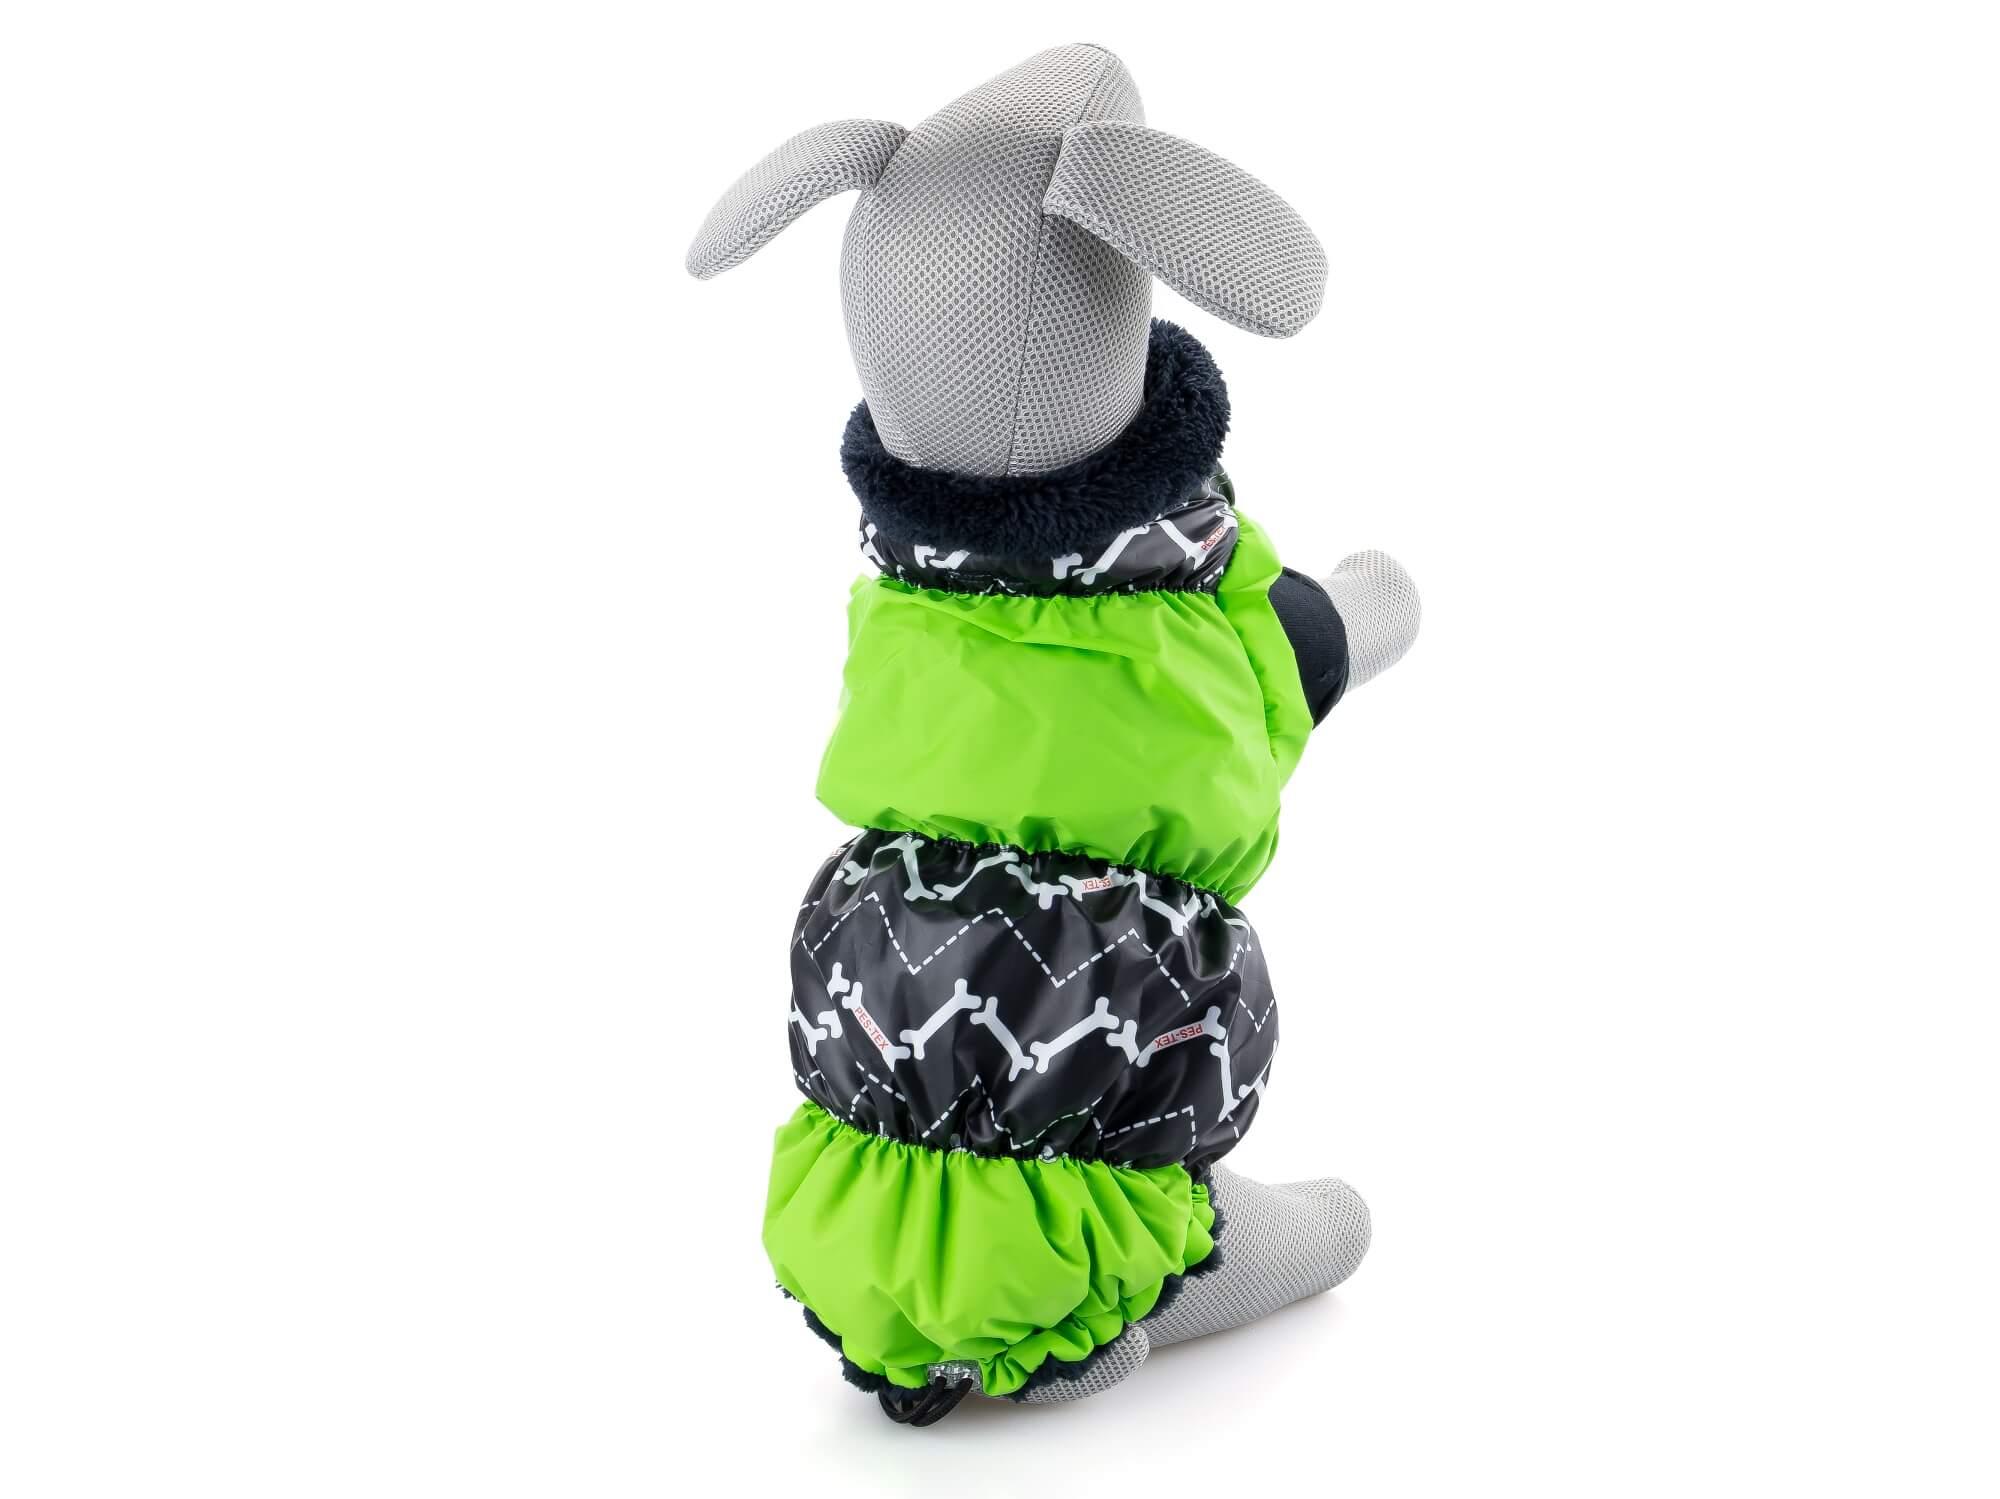 Levně Pes-tex Alexa zimní bunda pro psa Barva: Zelená, Délka zad psa: 28 - 35 cm, Obvod hrudníku: 40 - 62 cm